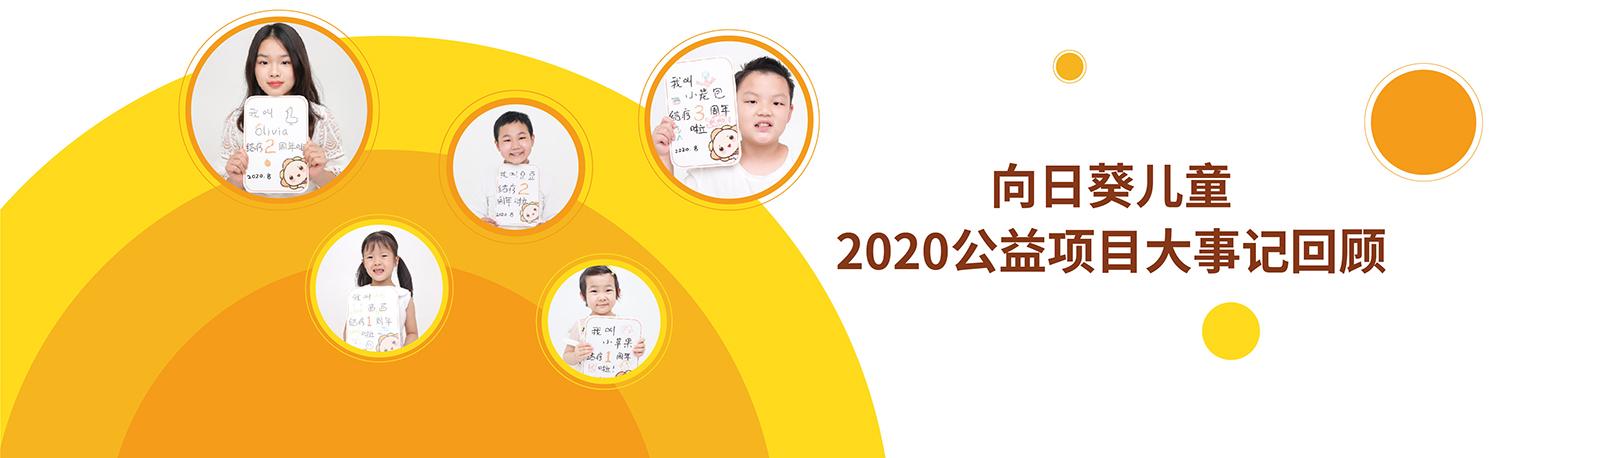 拾玉儿童公益基金会2020大事记回顾